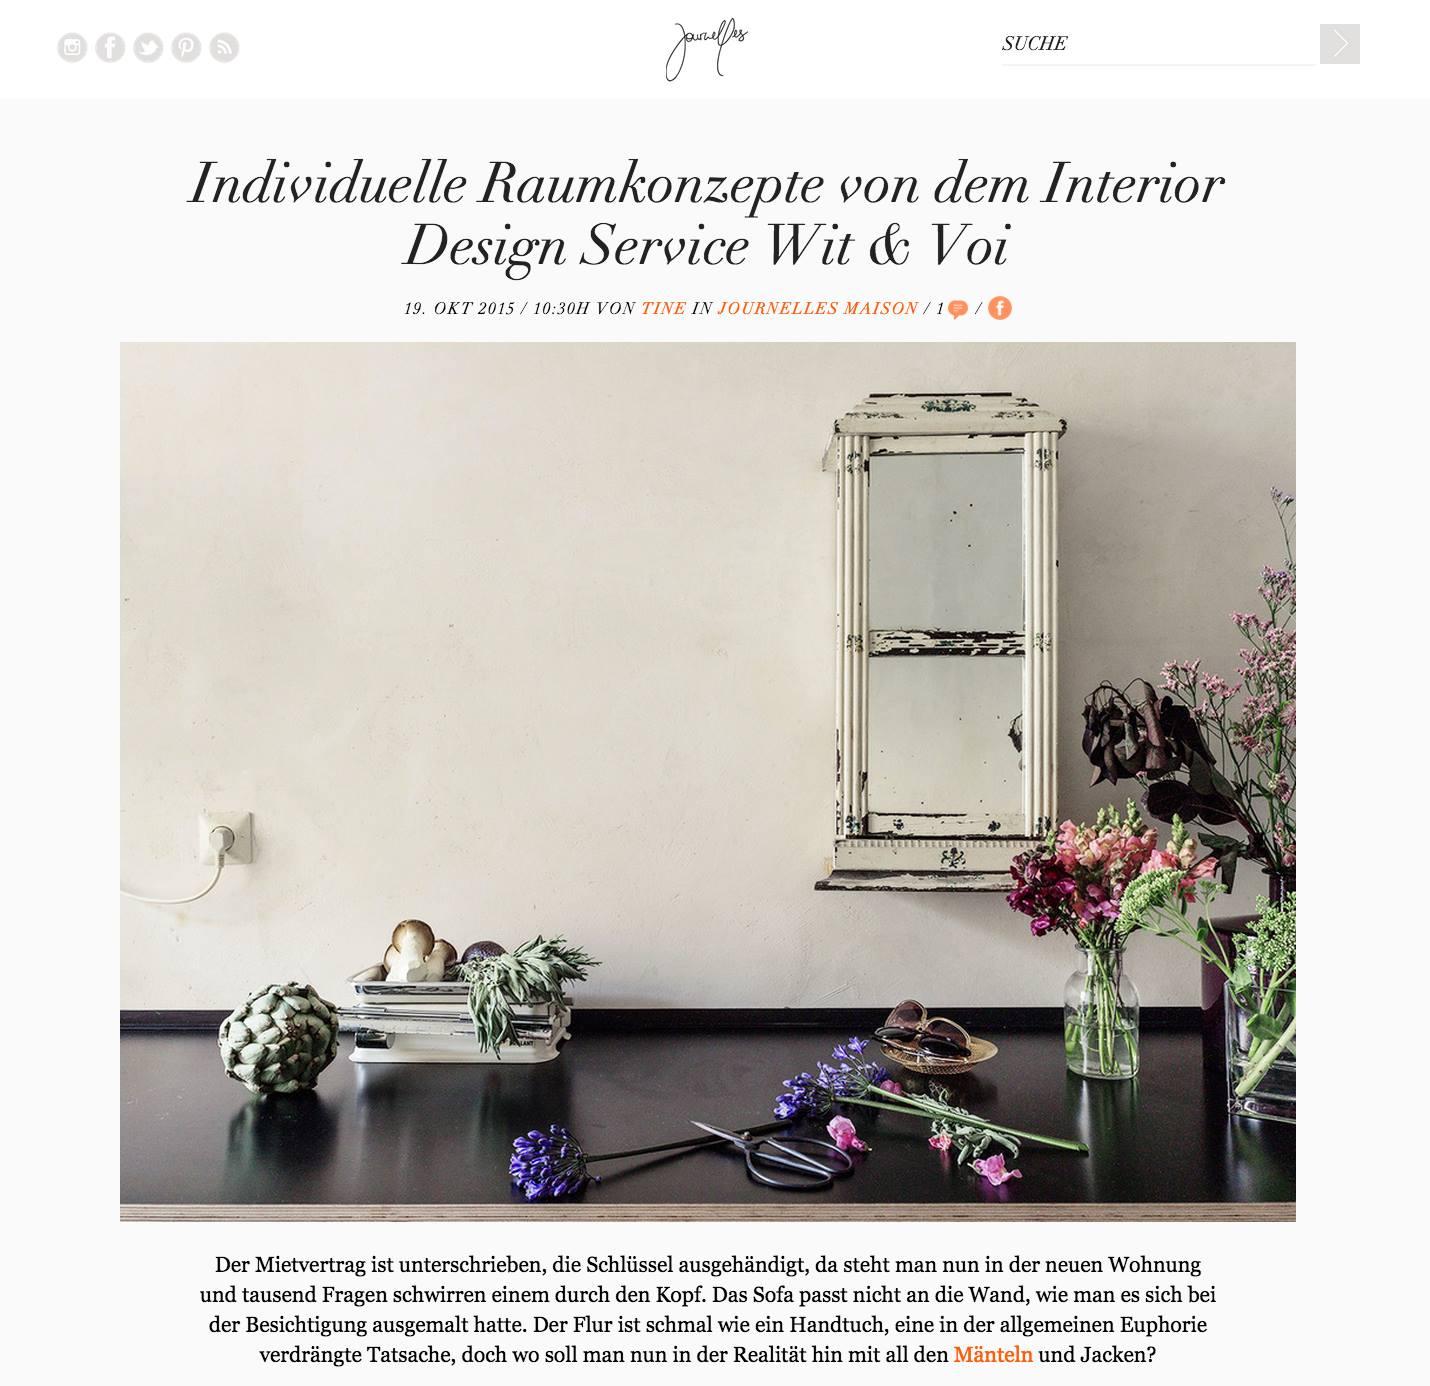 Journelles - Individuelle Raumkonzepte von dem Interior Design Service wit & voi